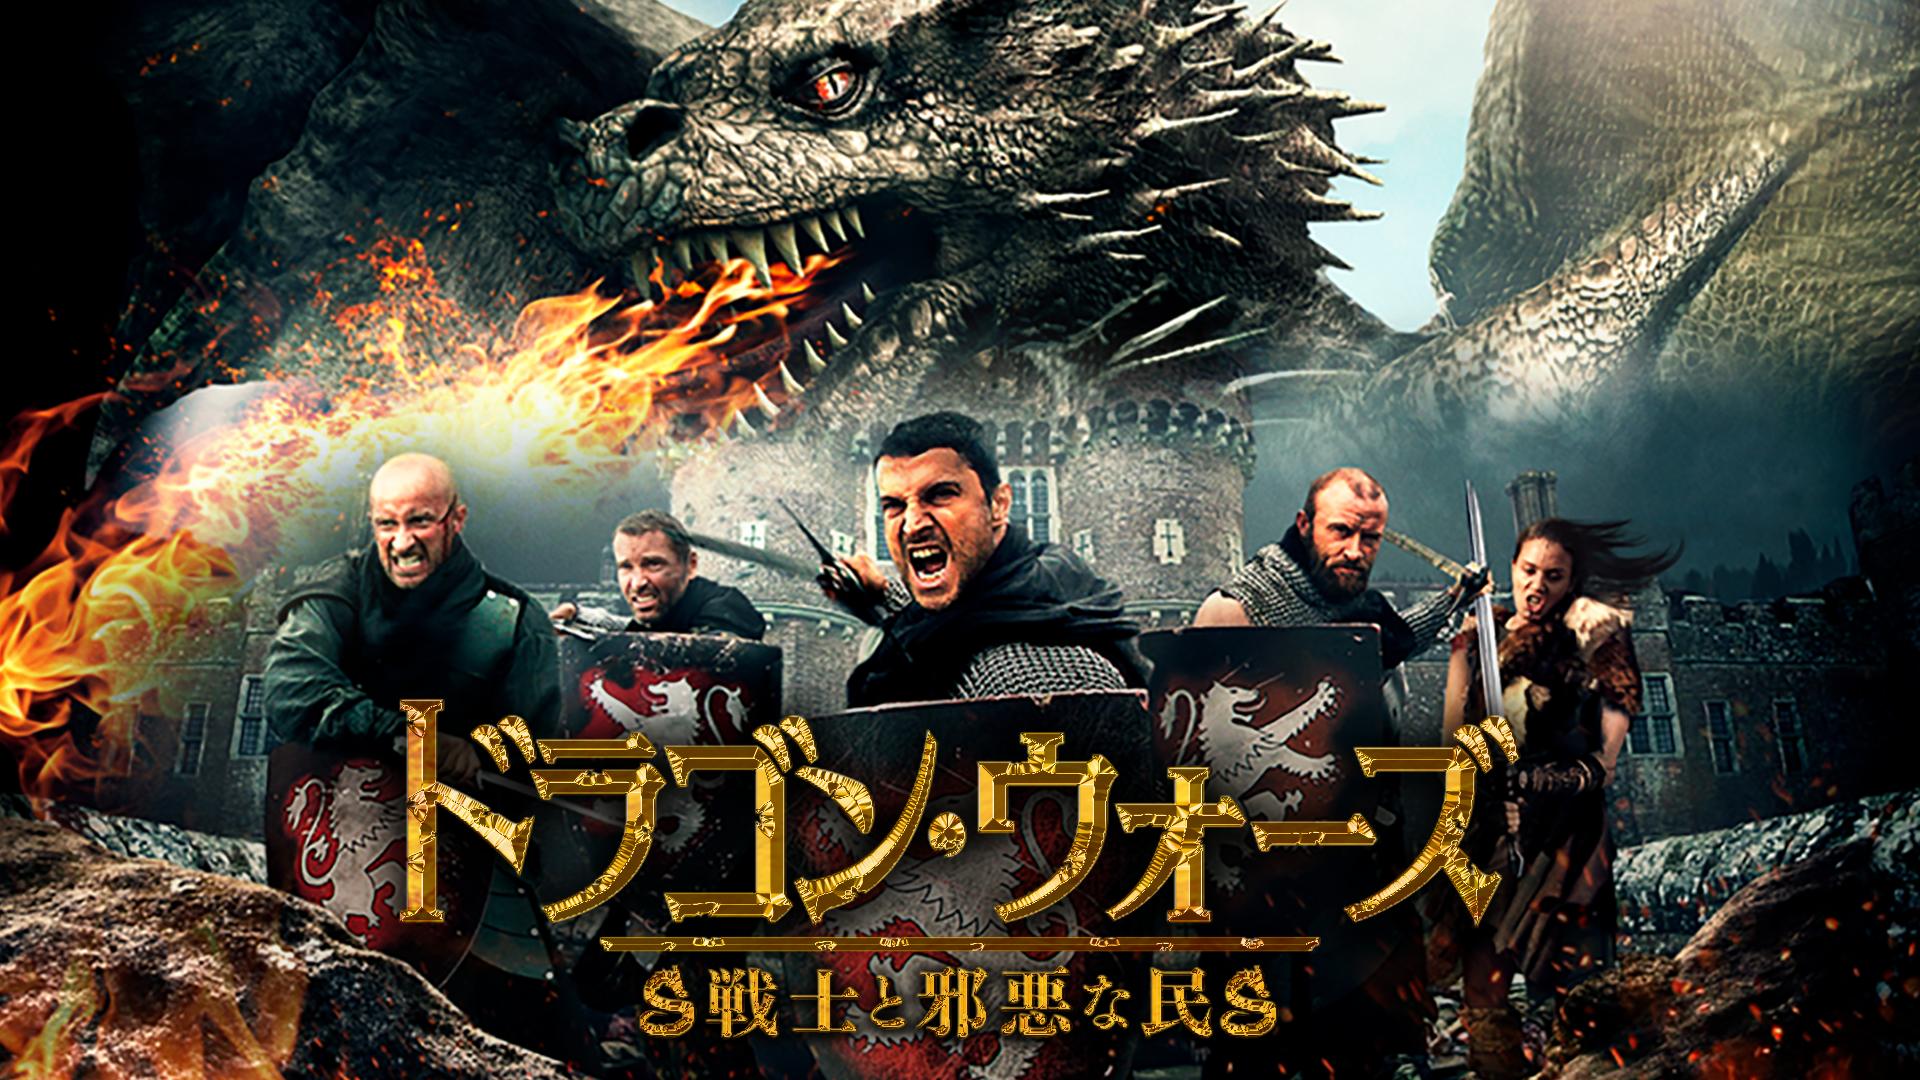 ドラゴン・ウォーズ /戦士と邪悪な民の画像